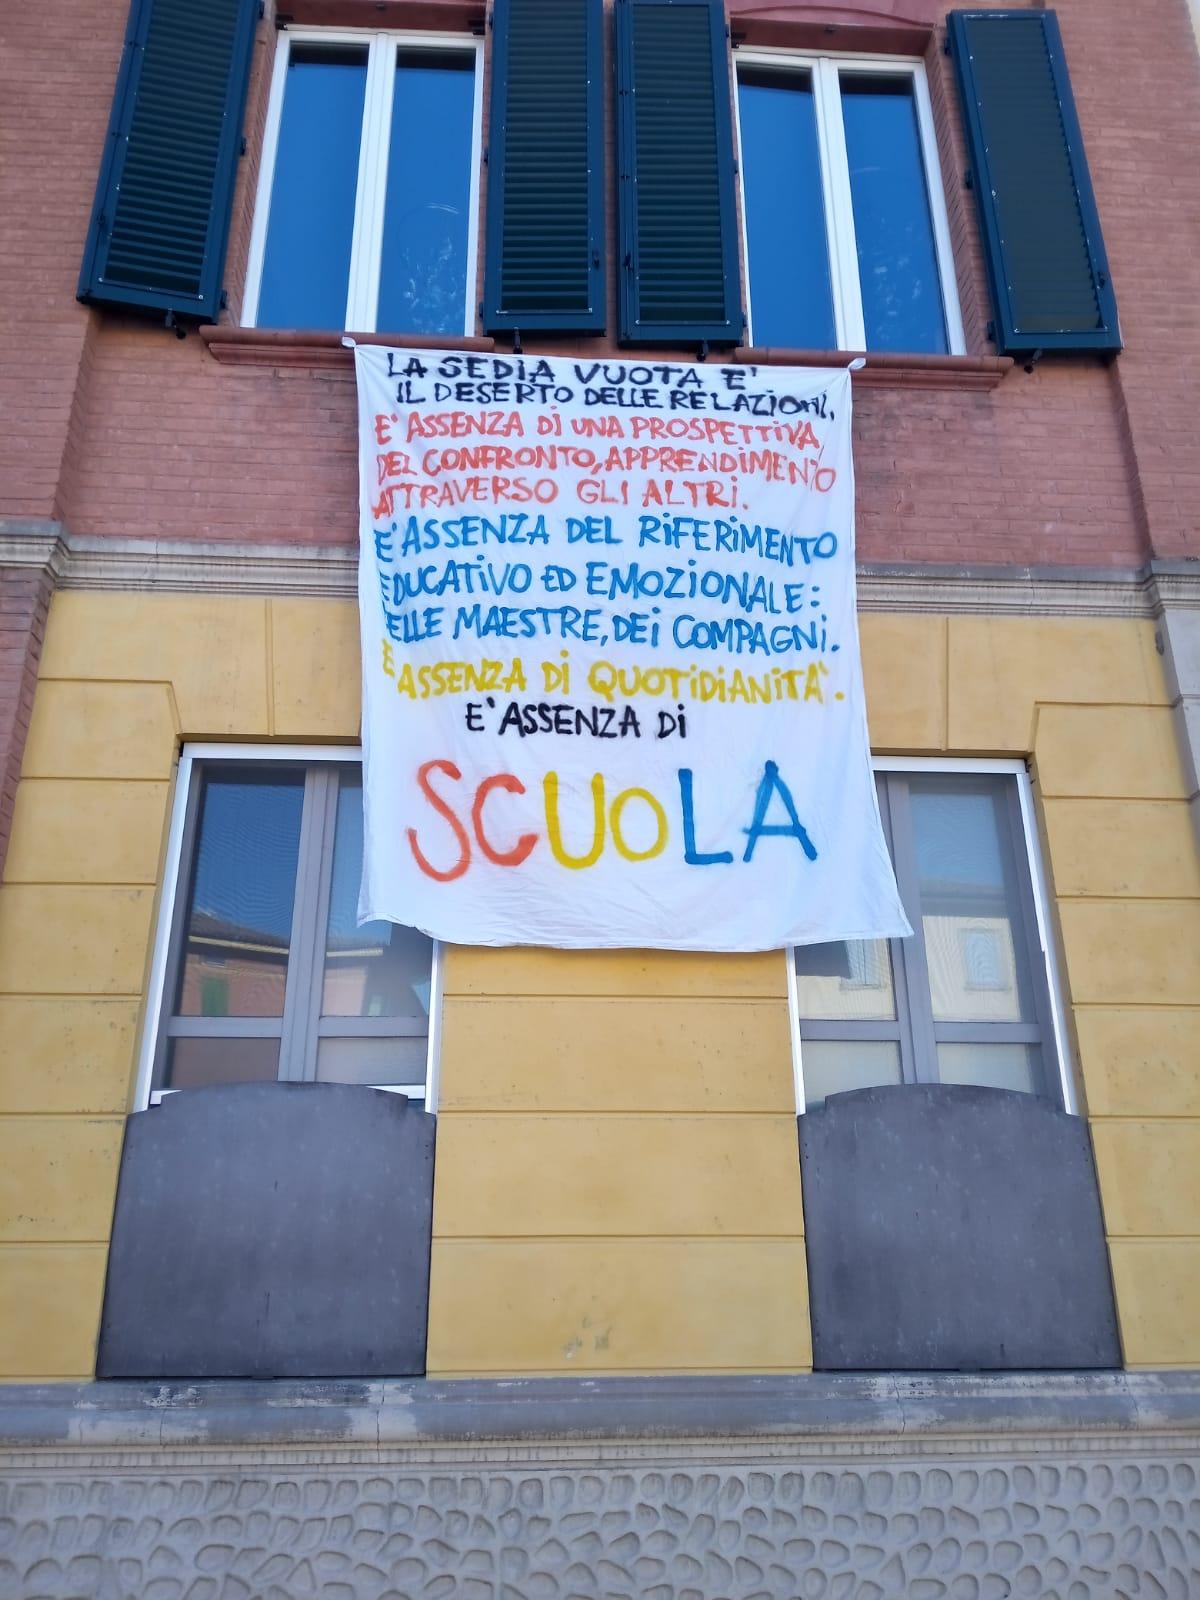 Scuola Al Via La Protesta Delle Sedie Vuote Per I Diritti Dei Bambini Ufficistampanazionali It